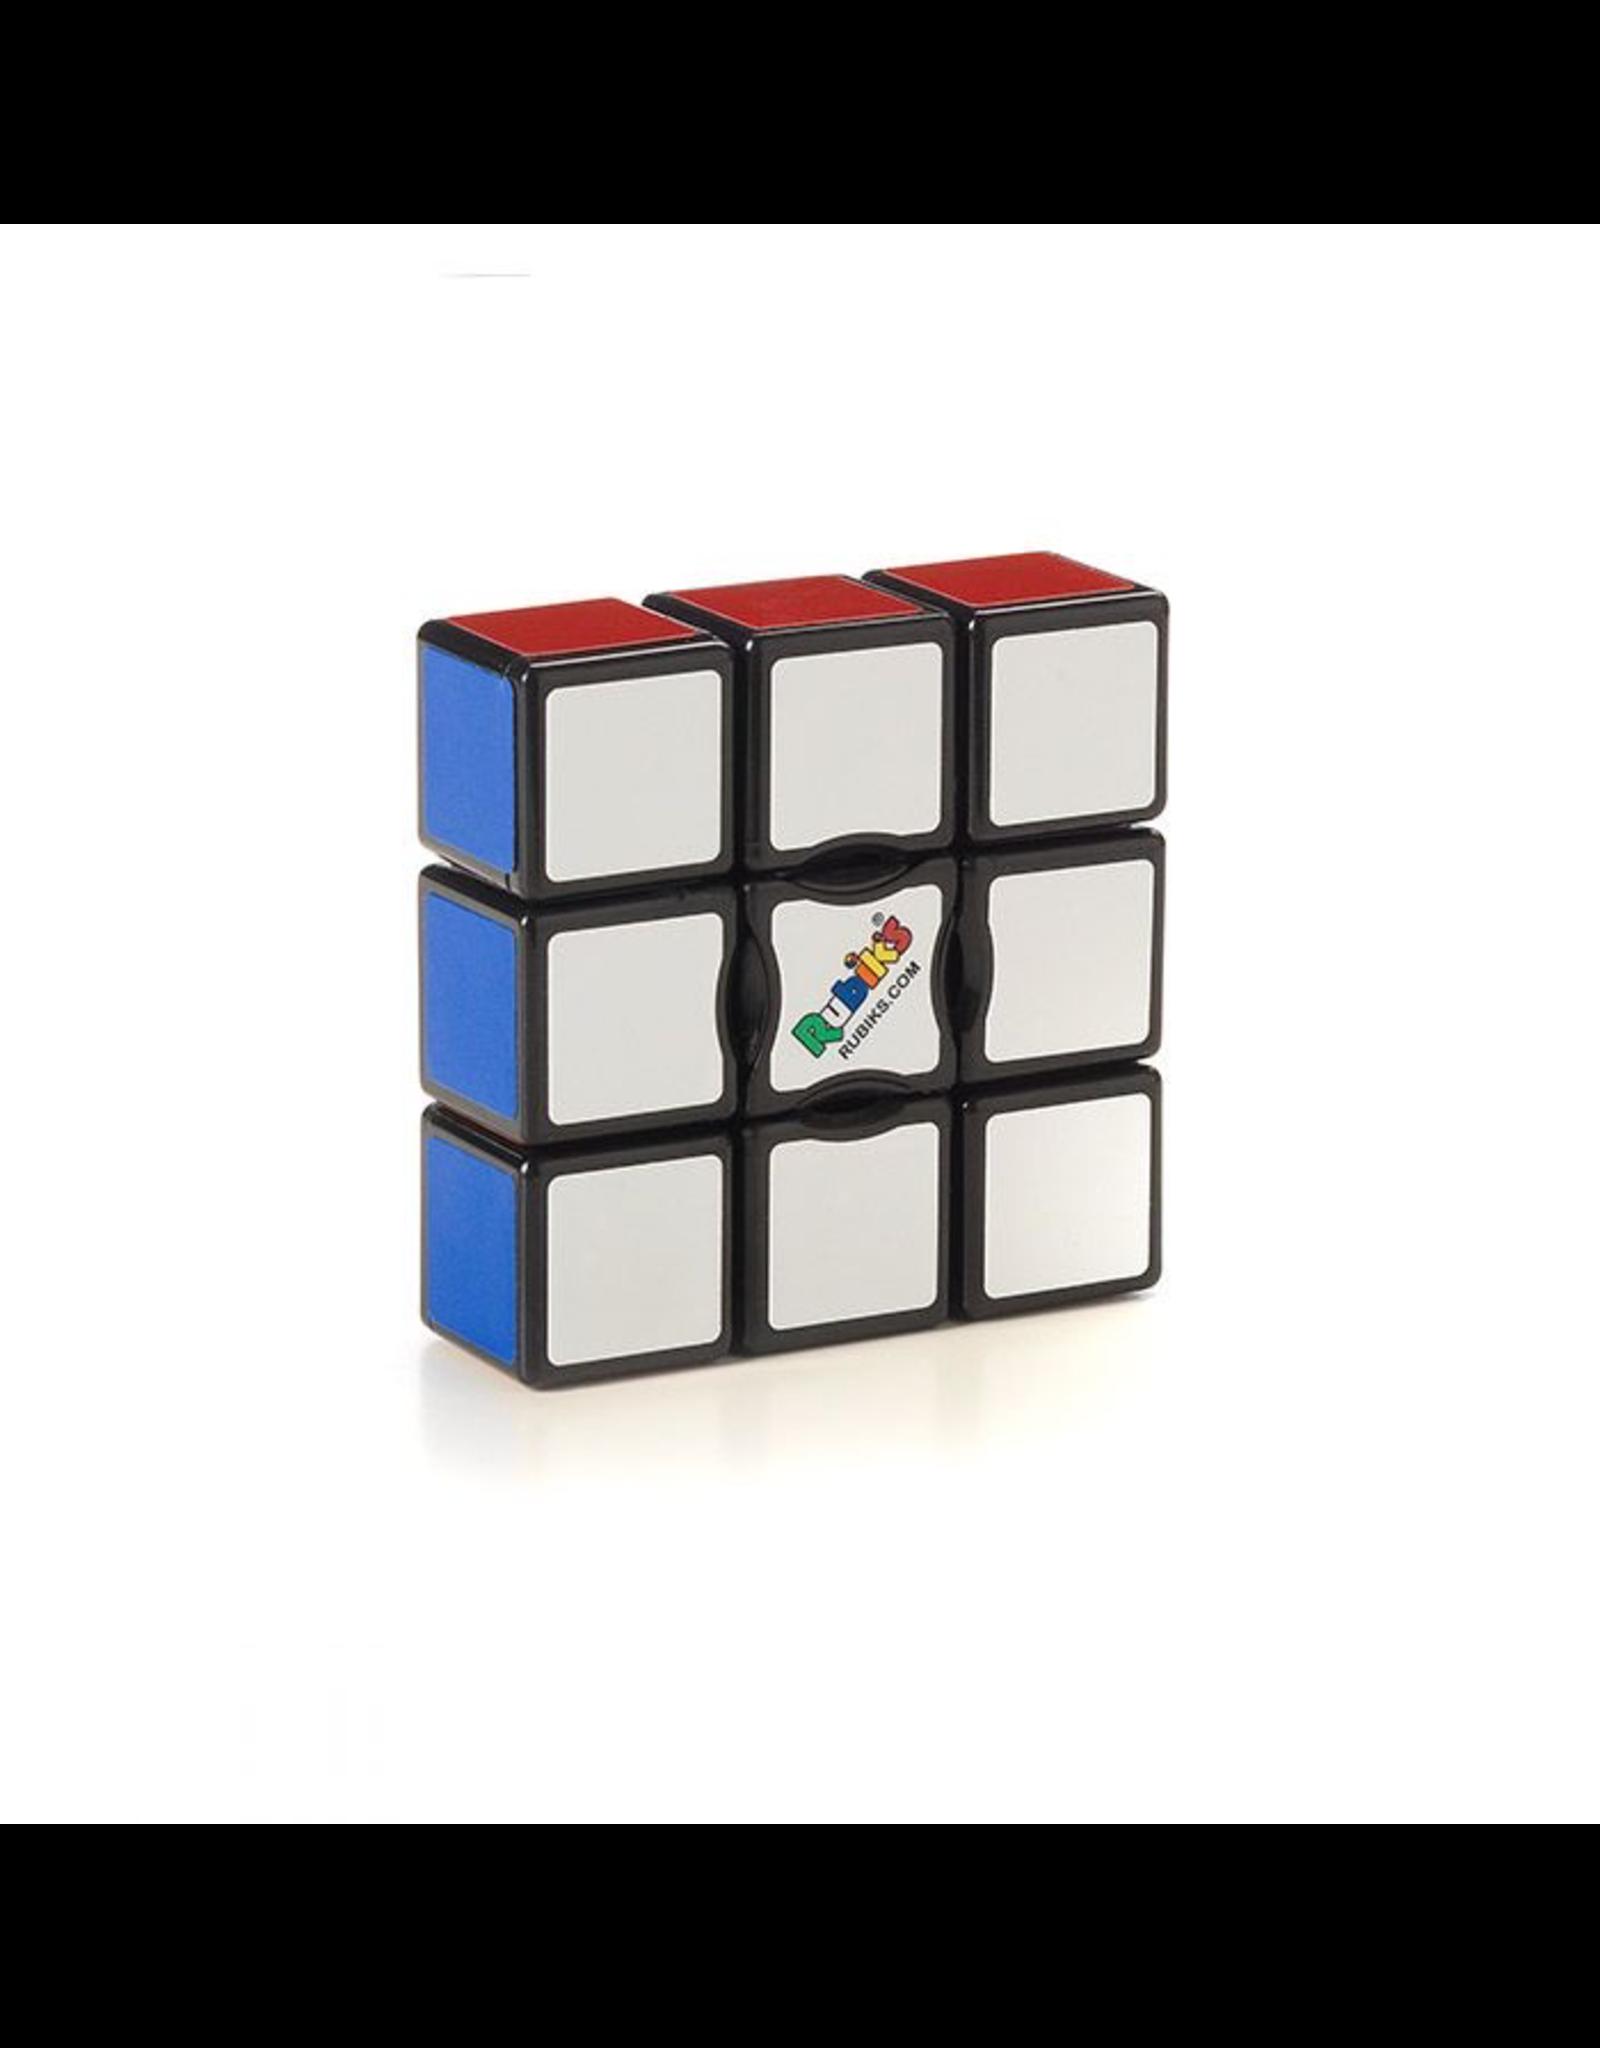 Rubik's RUBIK'S EDGE BLISTER PKG